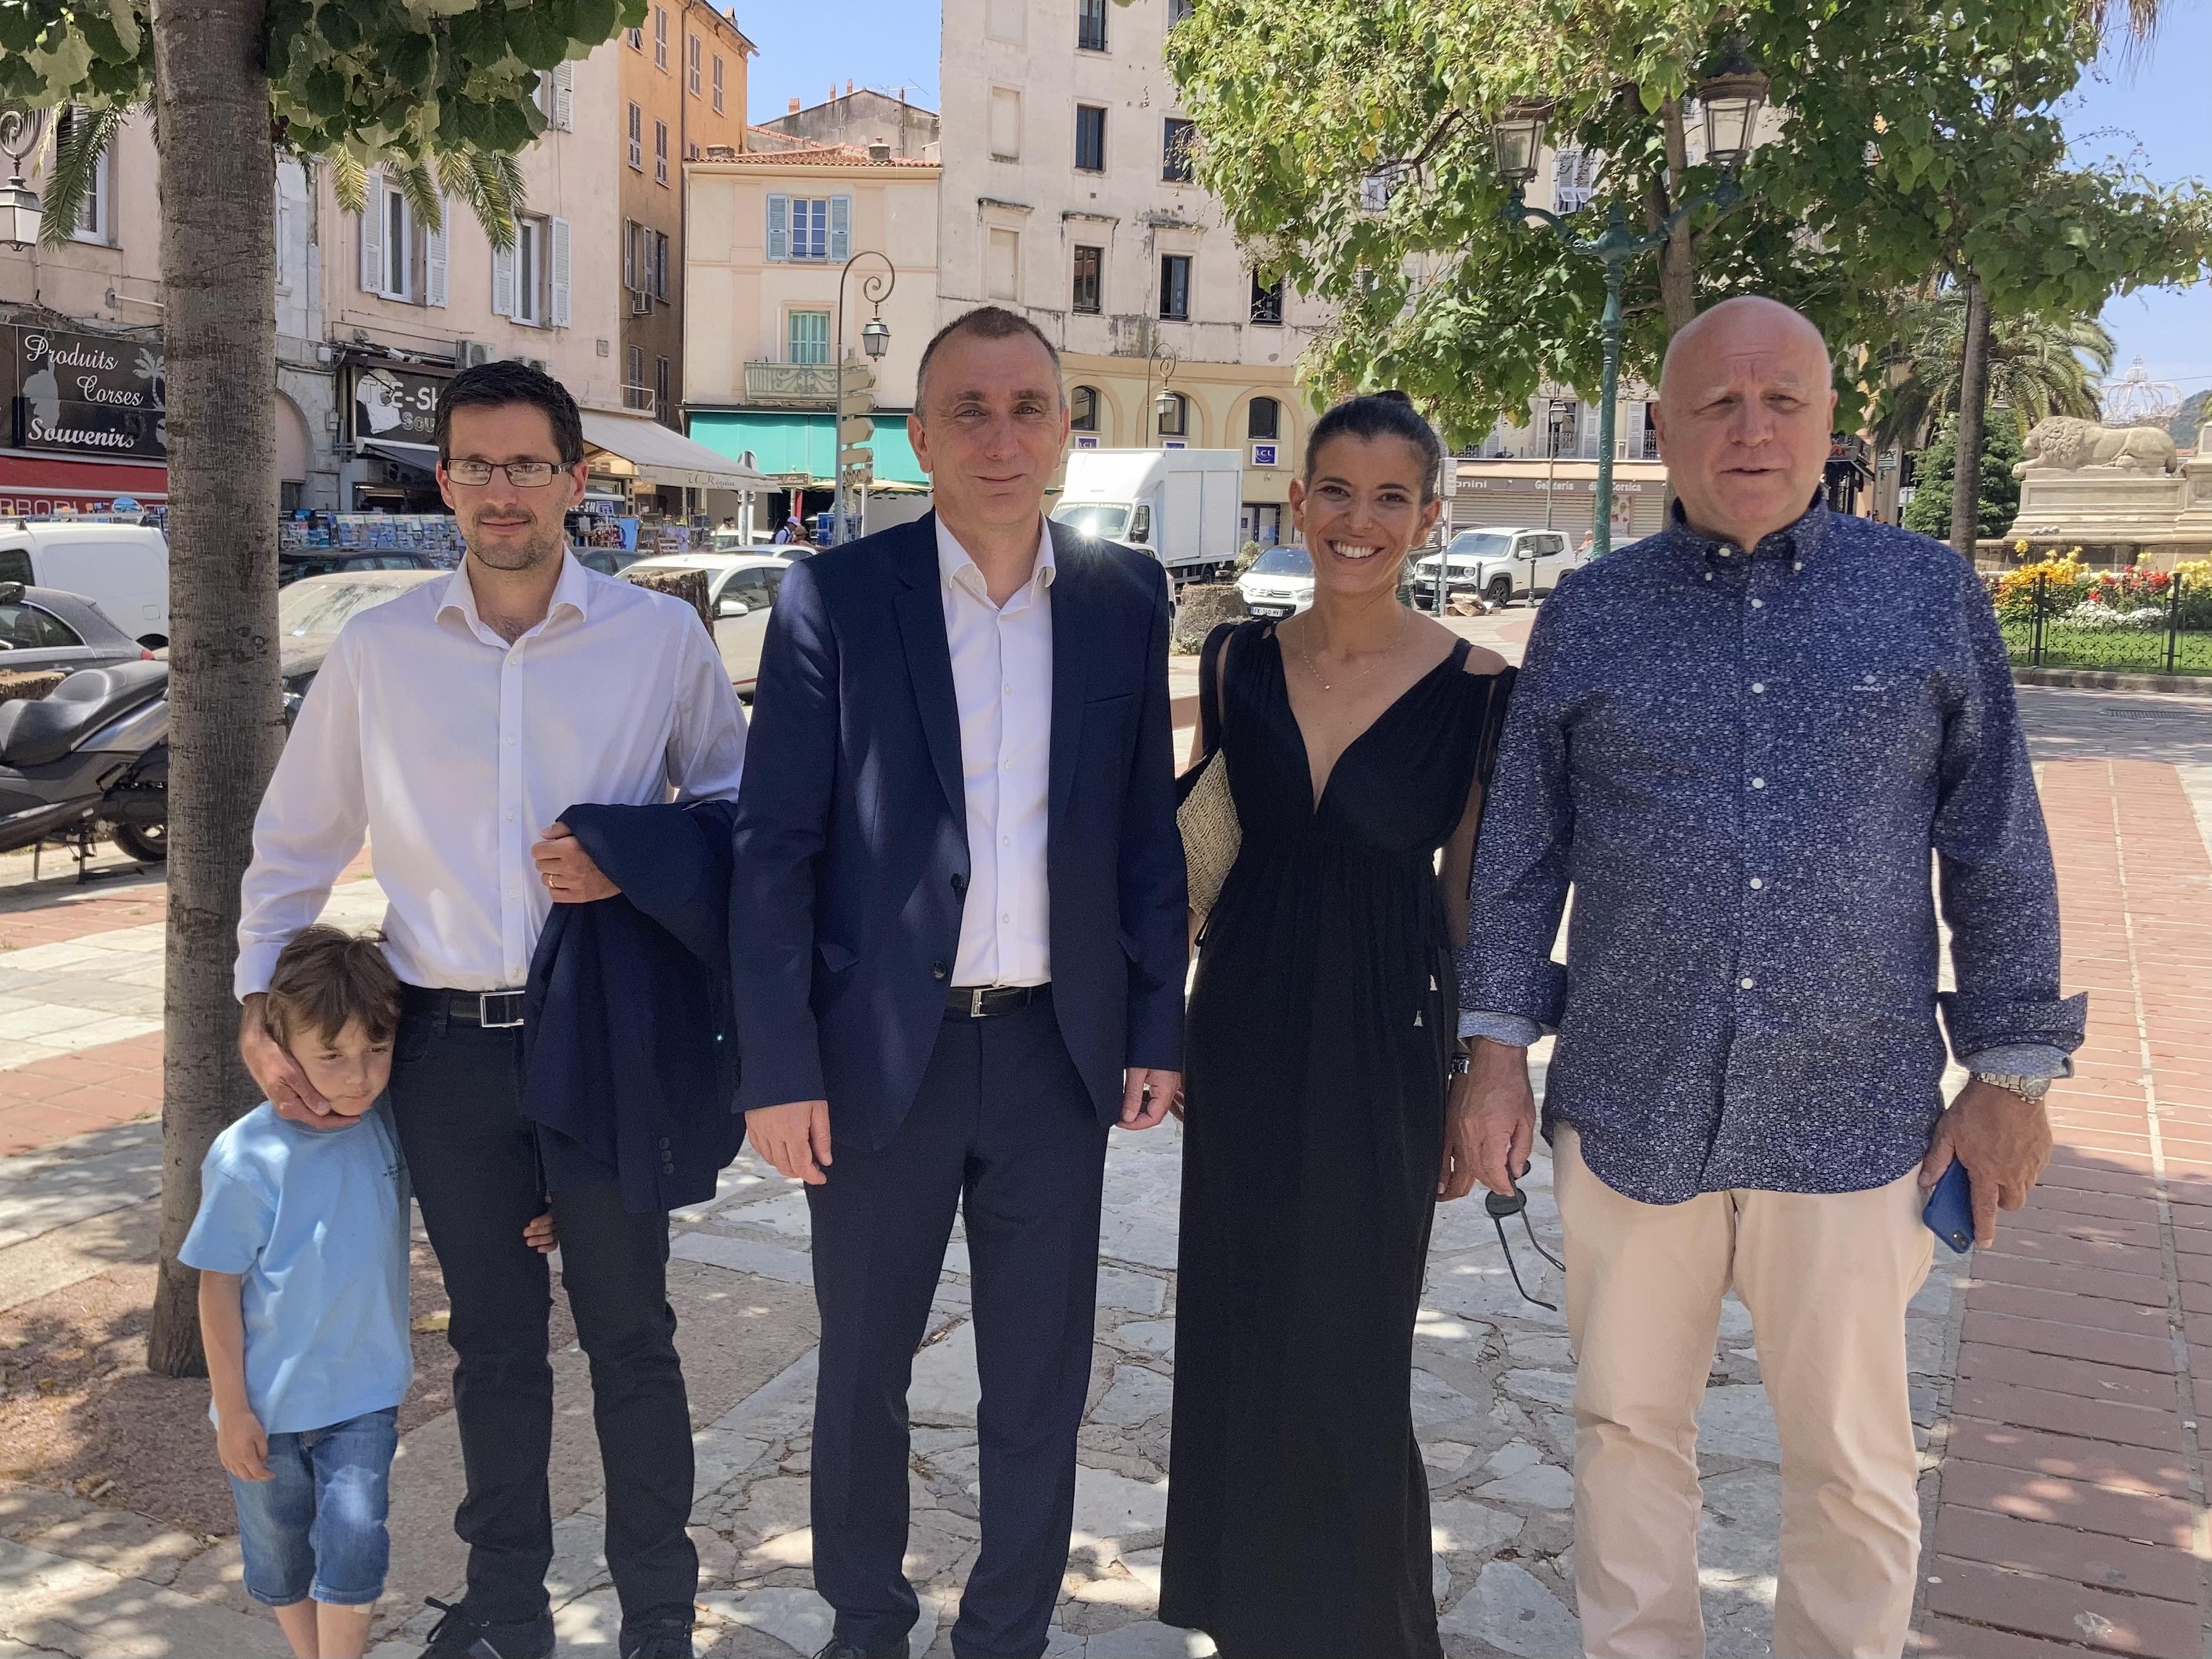 «Avanzemu pè a Corsica» a présenté sa démarche ce mercredi 23 juin devant la mairie d'Ajaccio. Photo : Julia Sereni